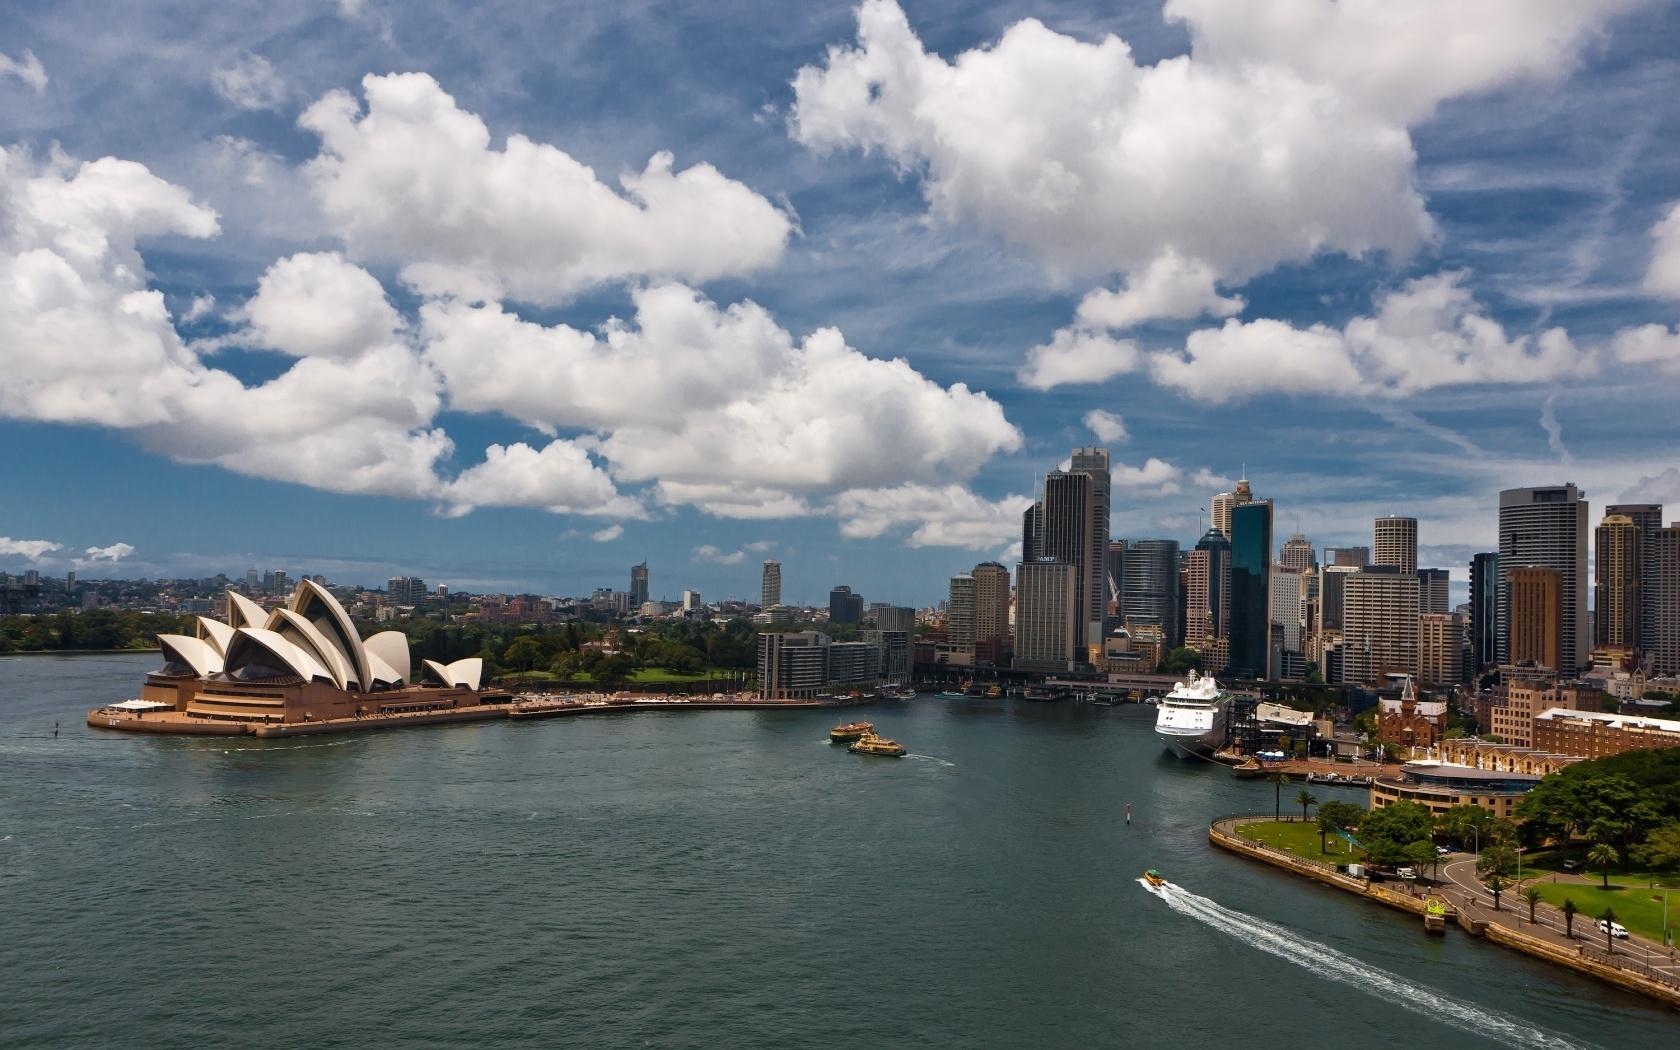 26350 скачать обои Пейзаж, Города, Море, Облака, Сидней (Sydney) - заставки и картинки бесплатно